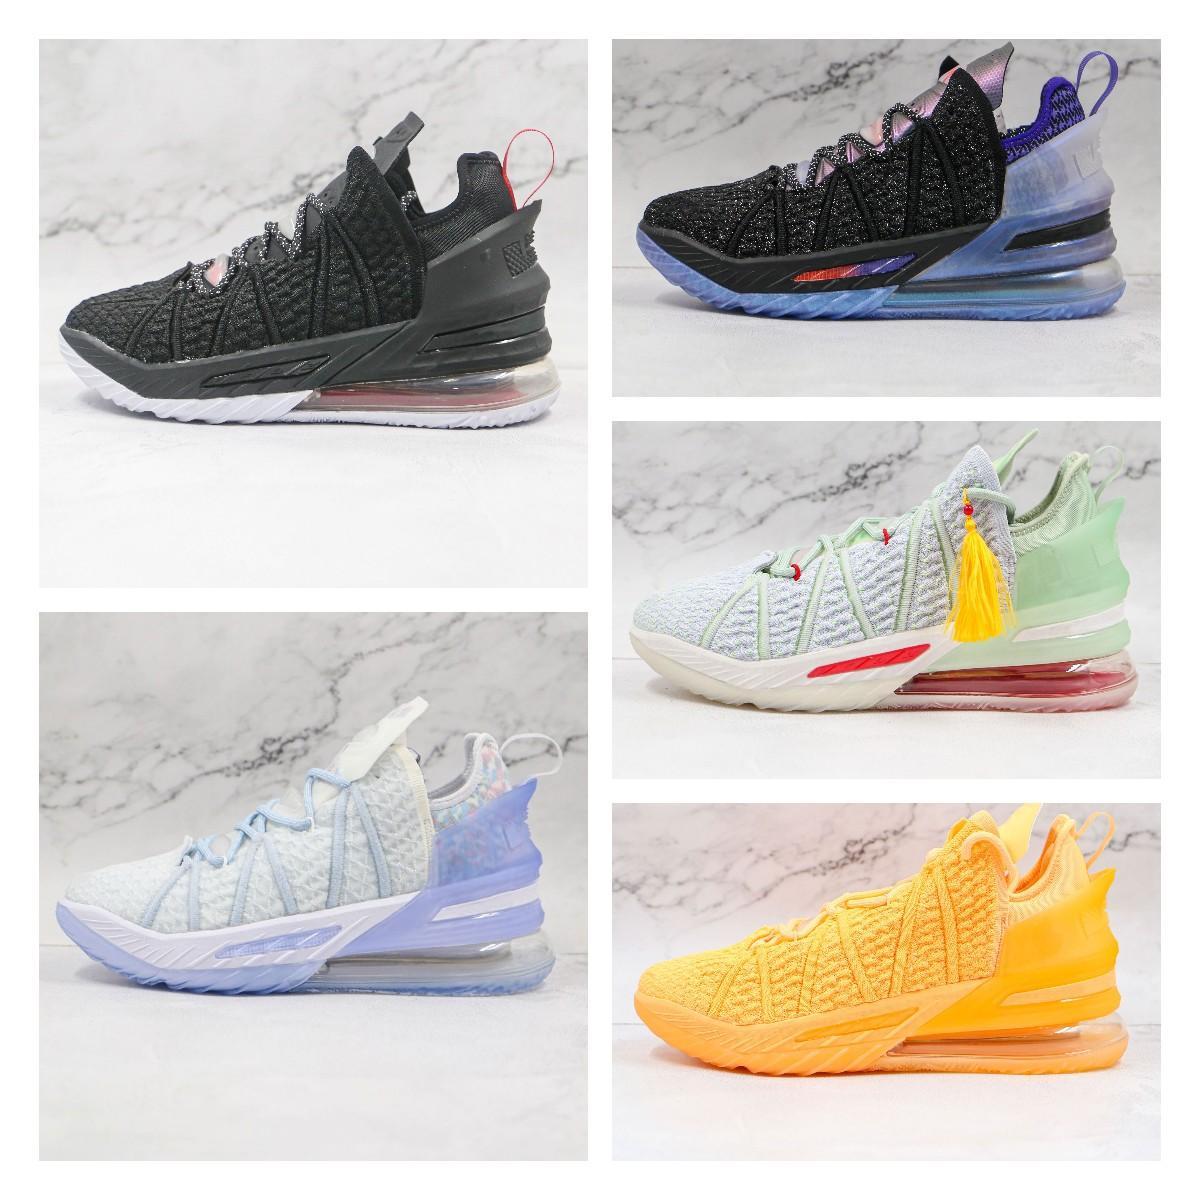 [Kutusu ile]Nike Air Jordan 4 x Off-White shoes Yeni Siyah Kedi 4 4 S Jumpman Basketbol Ayakkabı Bred Neon Kanatları Encore Kaktüs Jack Beyaz Çimento Stilist Sneakers Eğitmenler